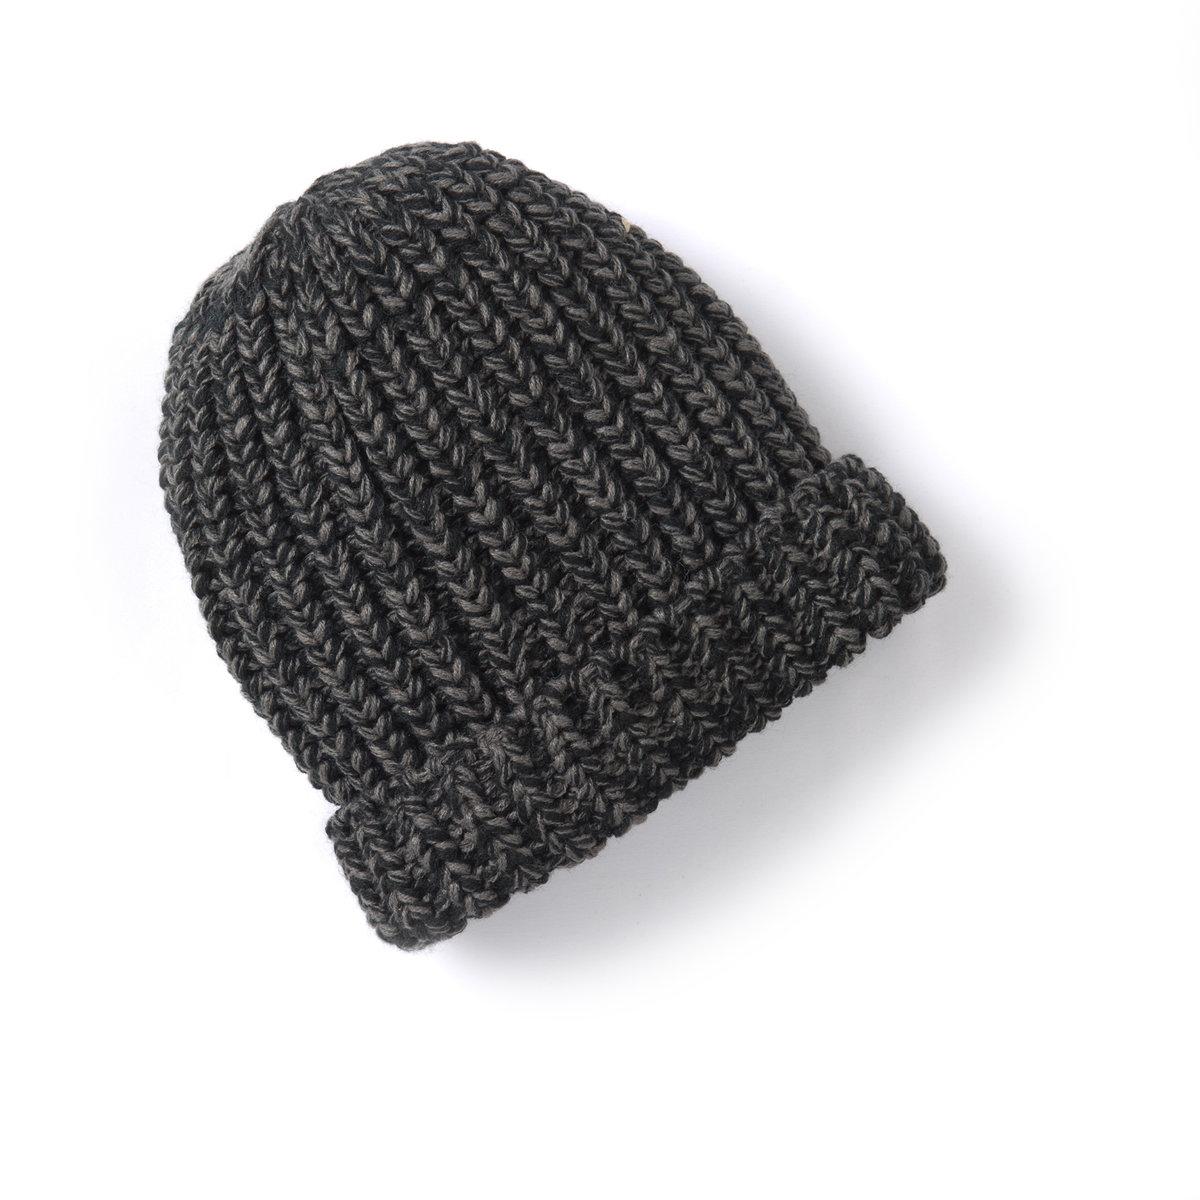 Шапка из меланжевого трикотажаШапка из меланжевого трикотажа, 100% акрила.ВНИМАНИЕ: шапка светло-серого цвета.<br><br>Цвет: черный меланж